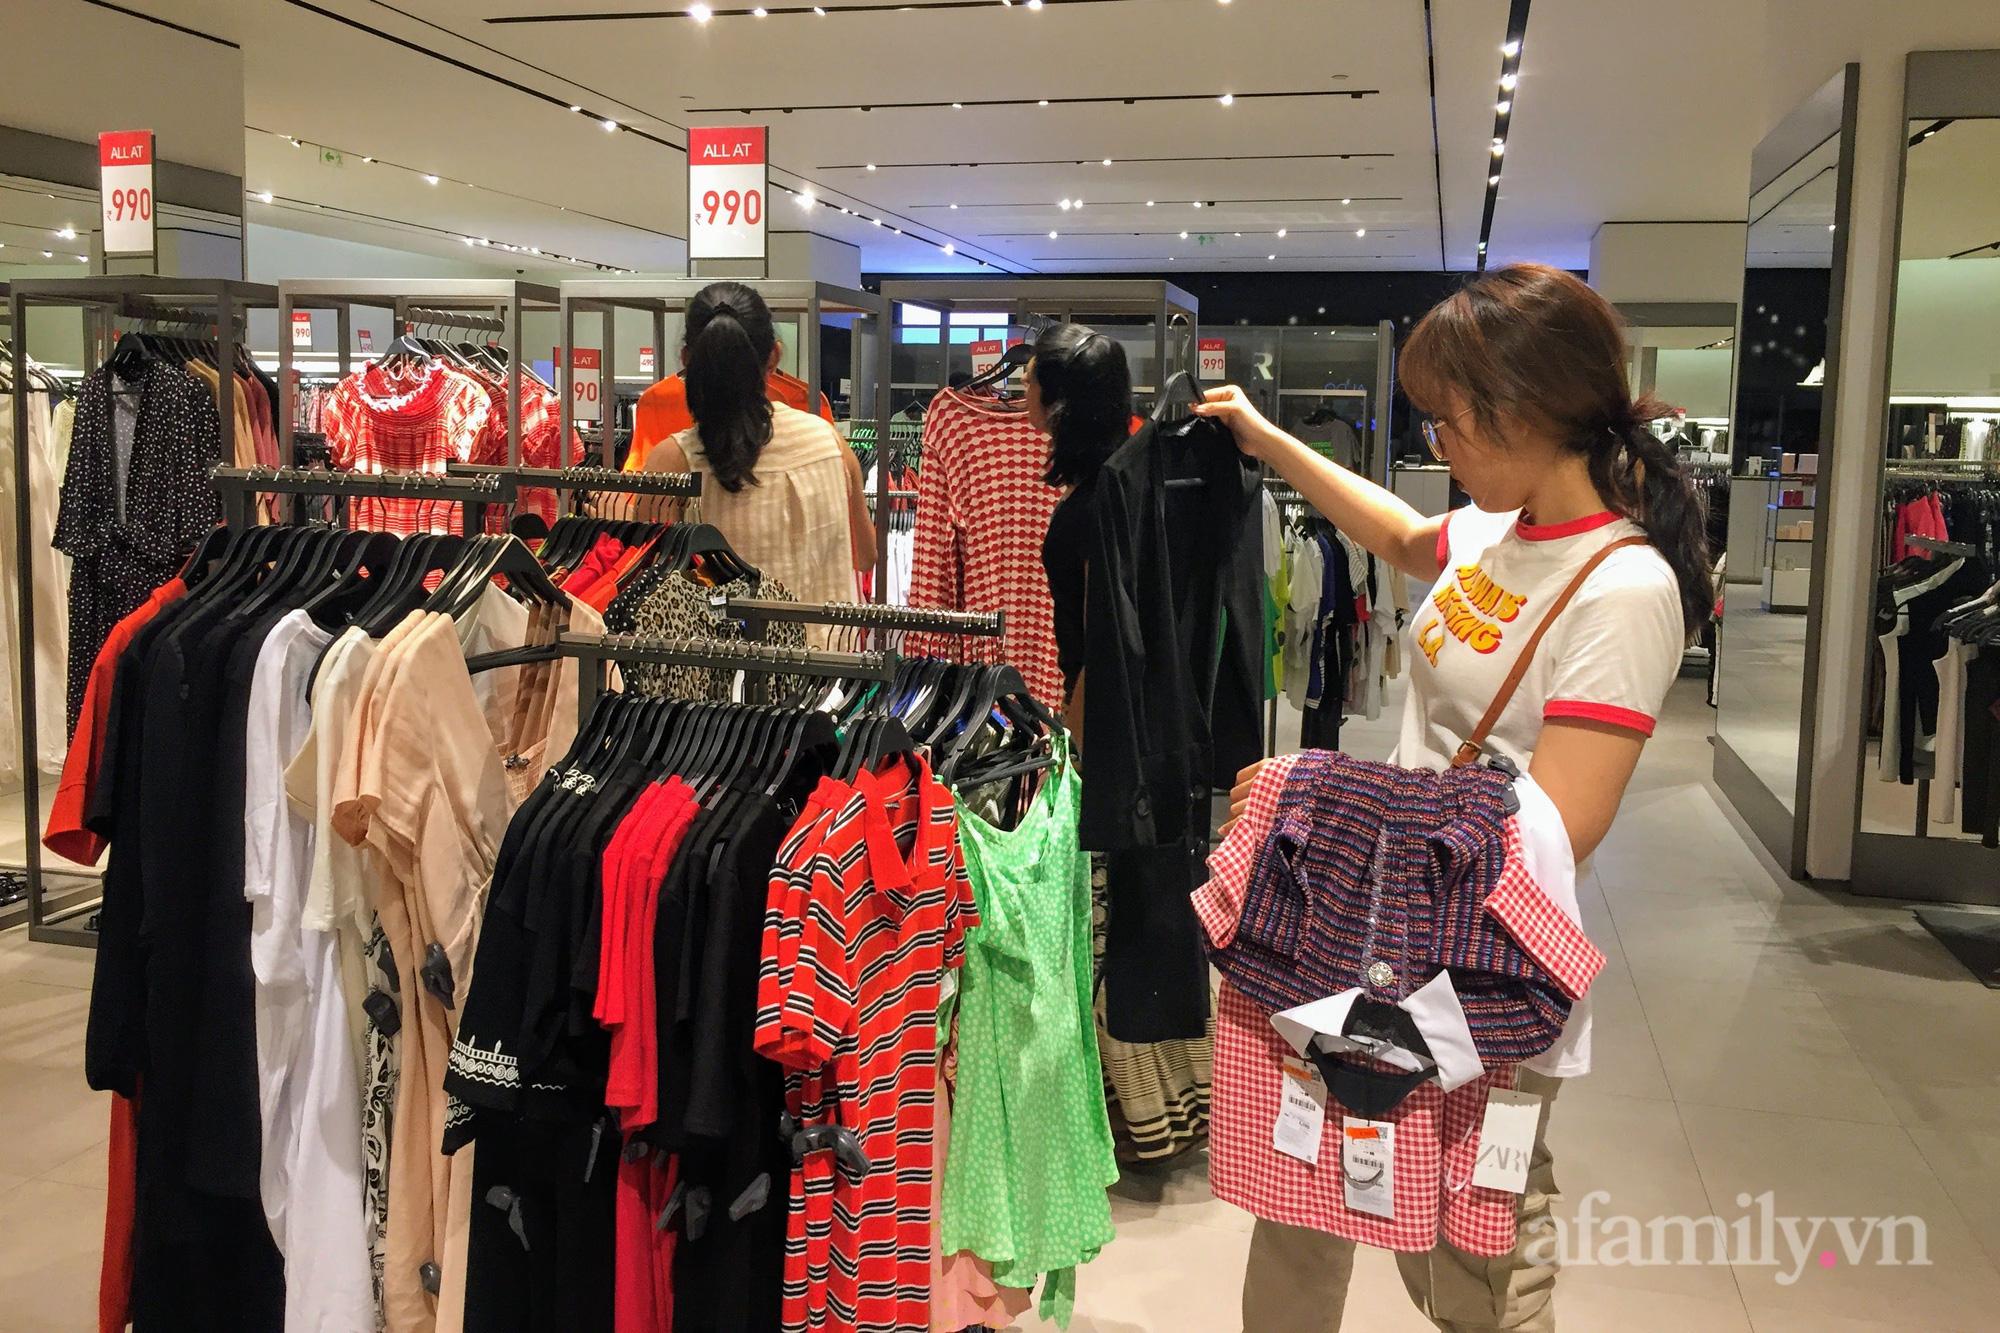 Cô gái Việt 23 tuổi tiết lộ 10 điều bất ngờ khi đi mua sắm ở Ấn Độ và kinh nghiệm cho du khách  - Ảnh 22.